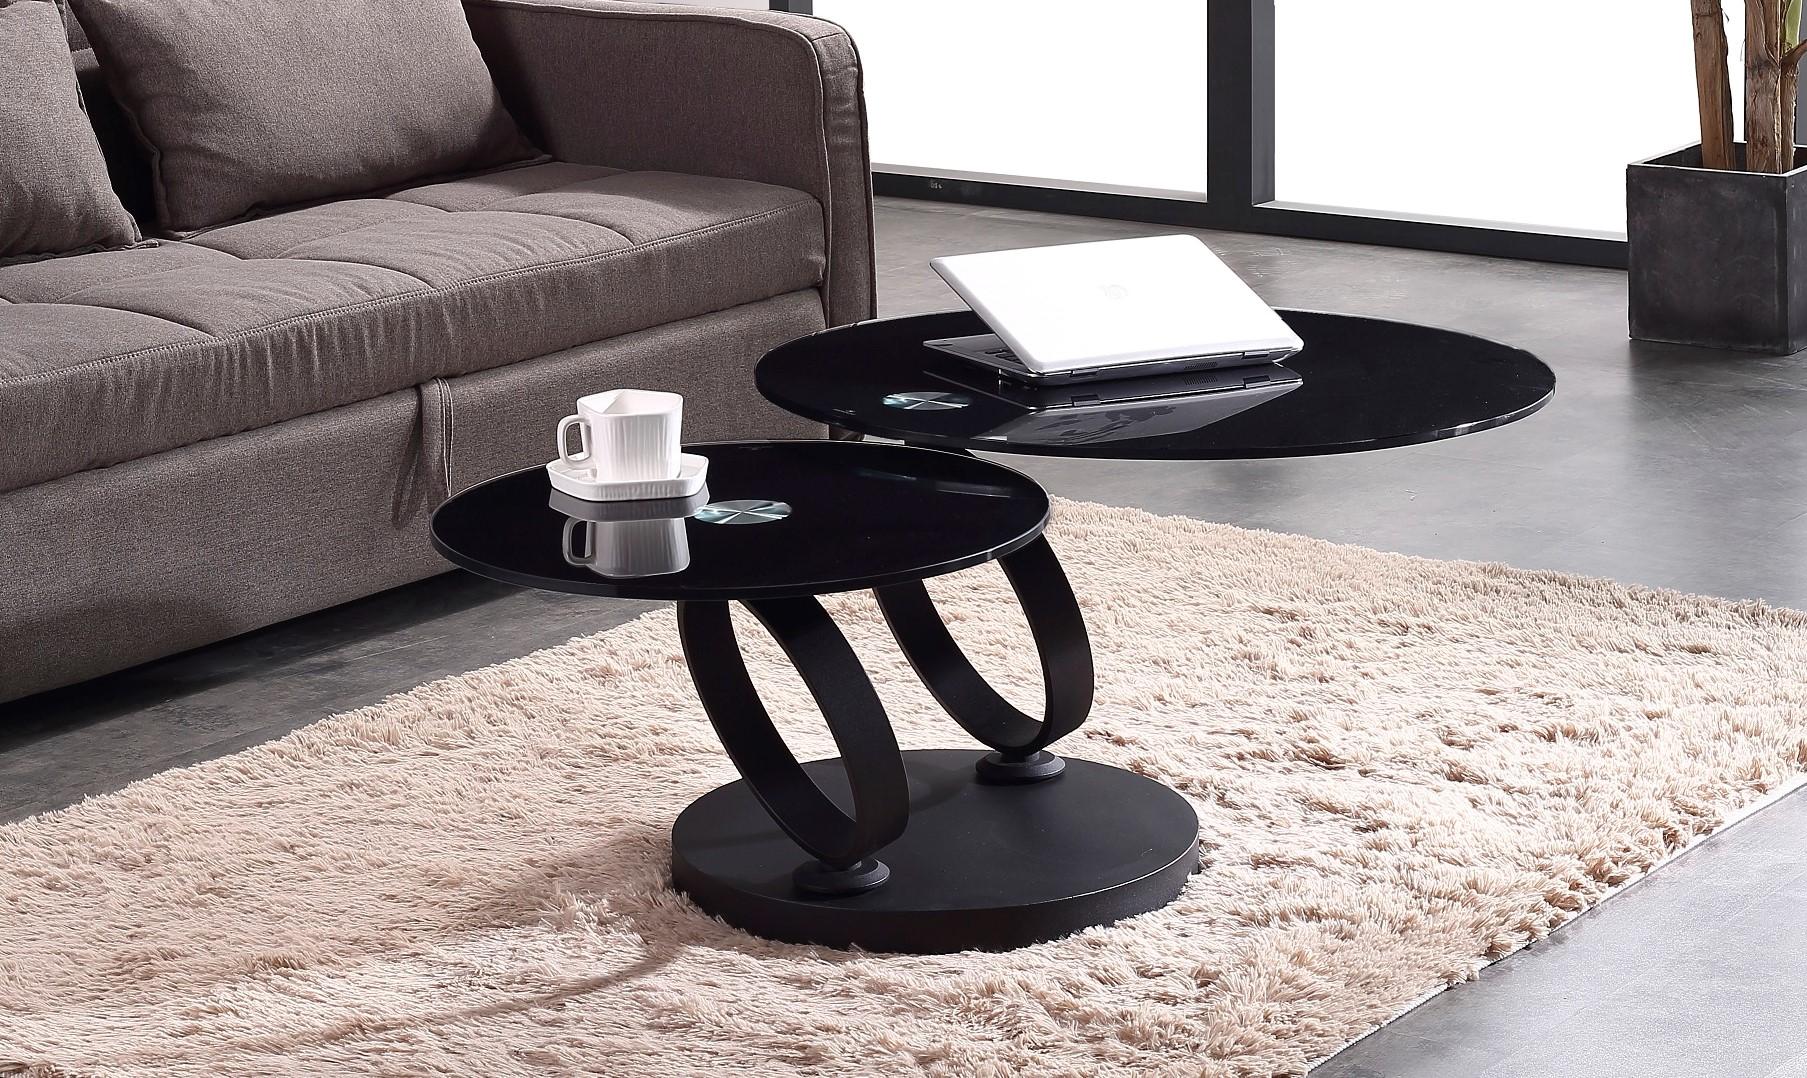 שולחן סלון יוקרתי דגם עגול 8857 שחור 8857-B (2)